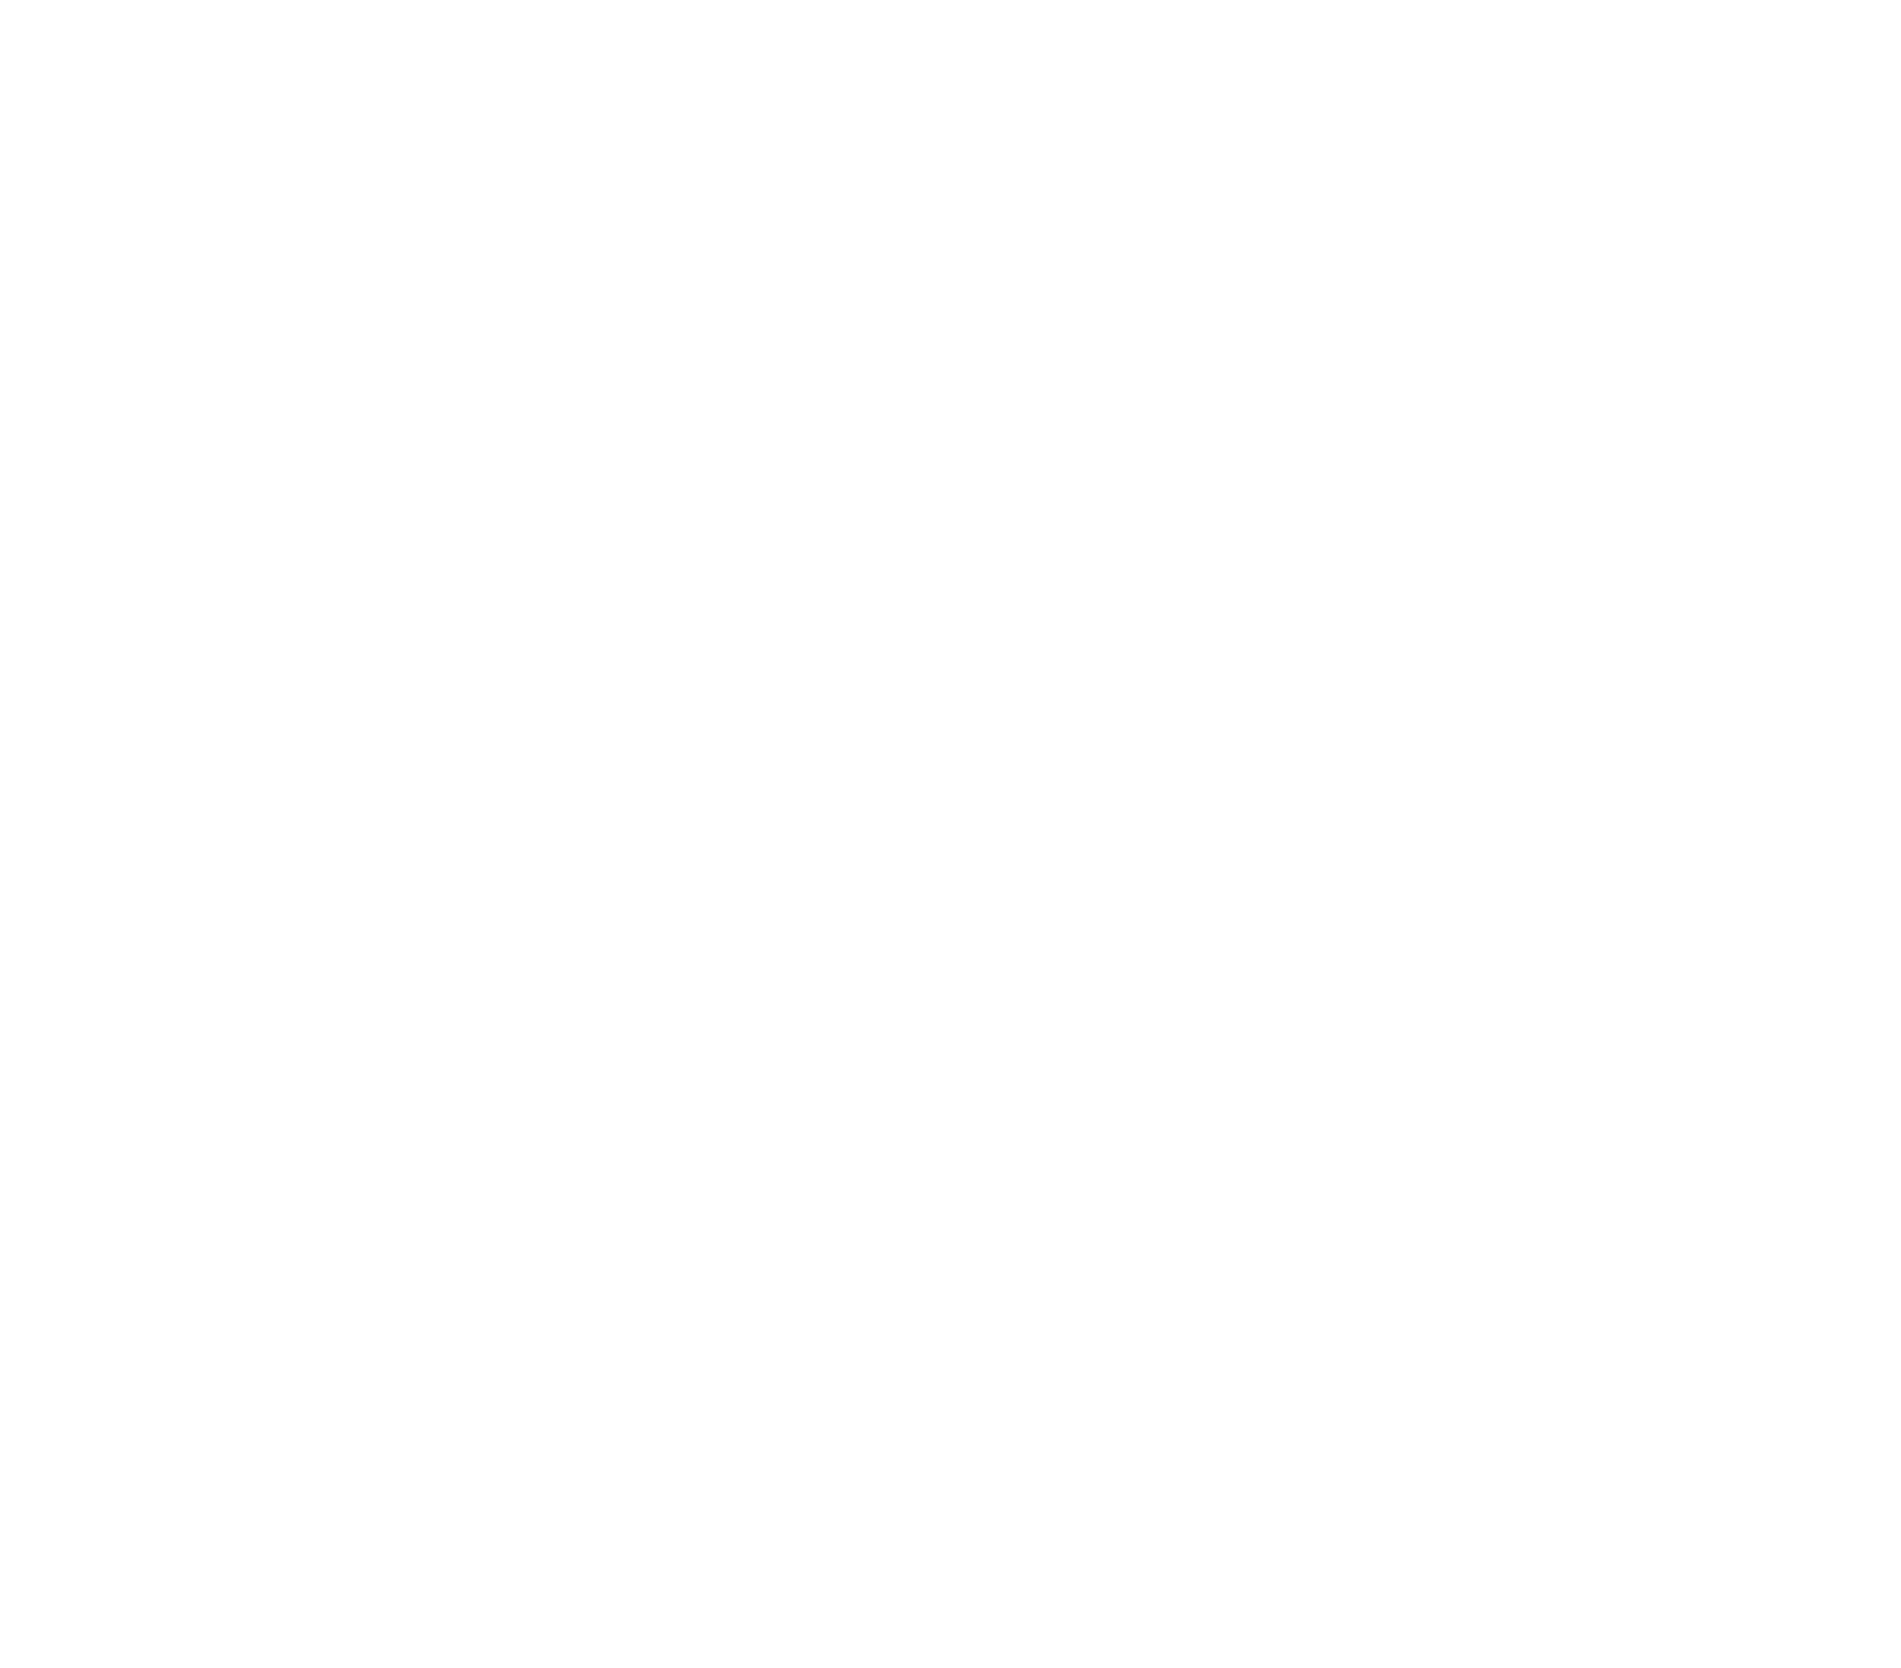 text-logo-icon